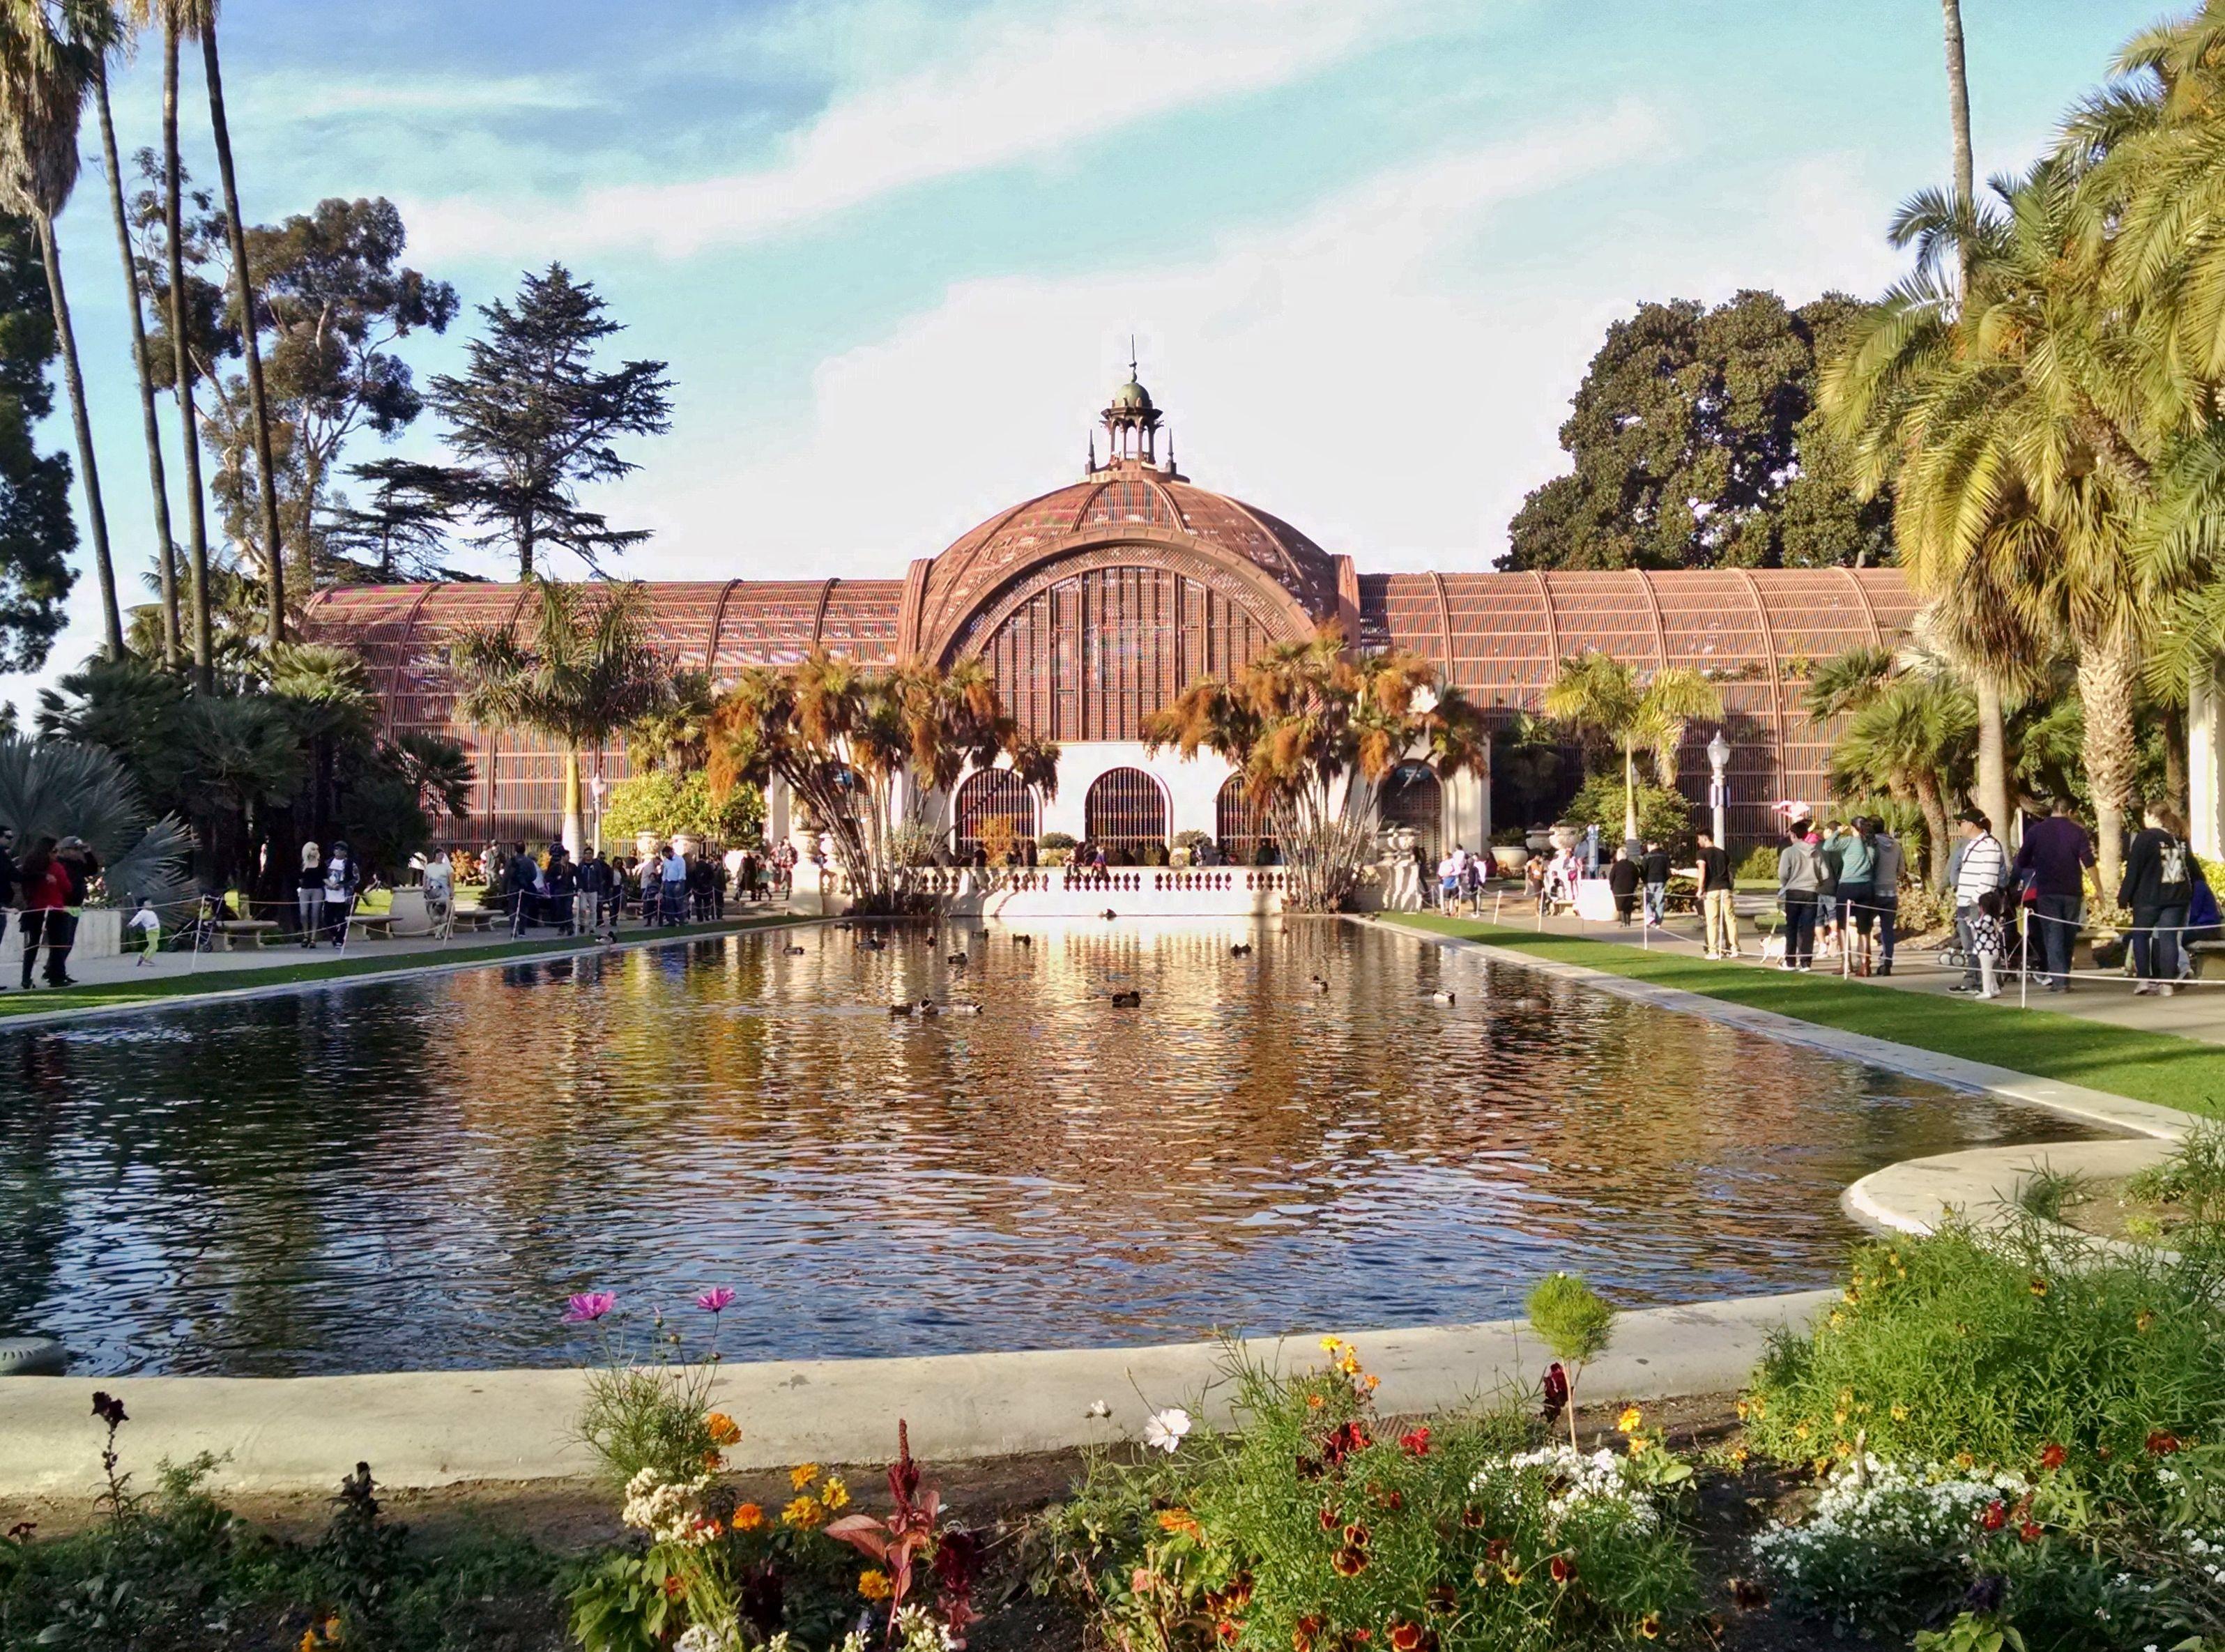 San Diego Botanical Garden, Balboa Park, Duck And Koi Pond